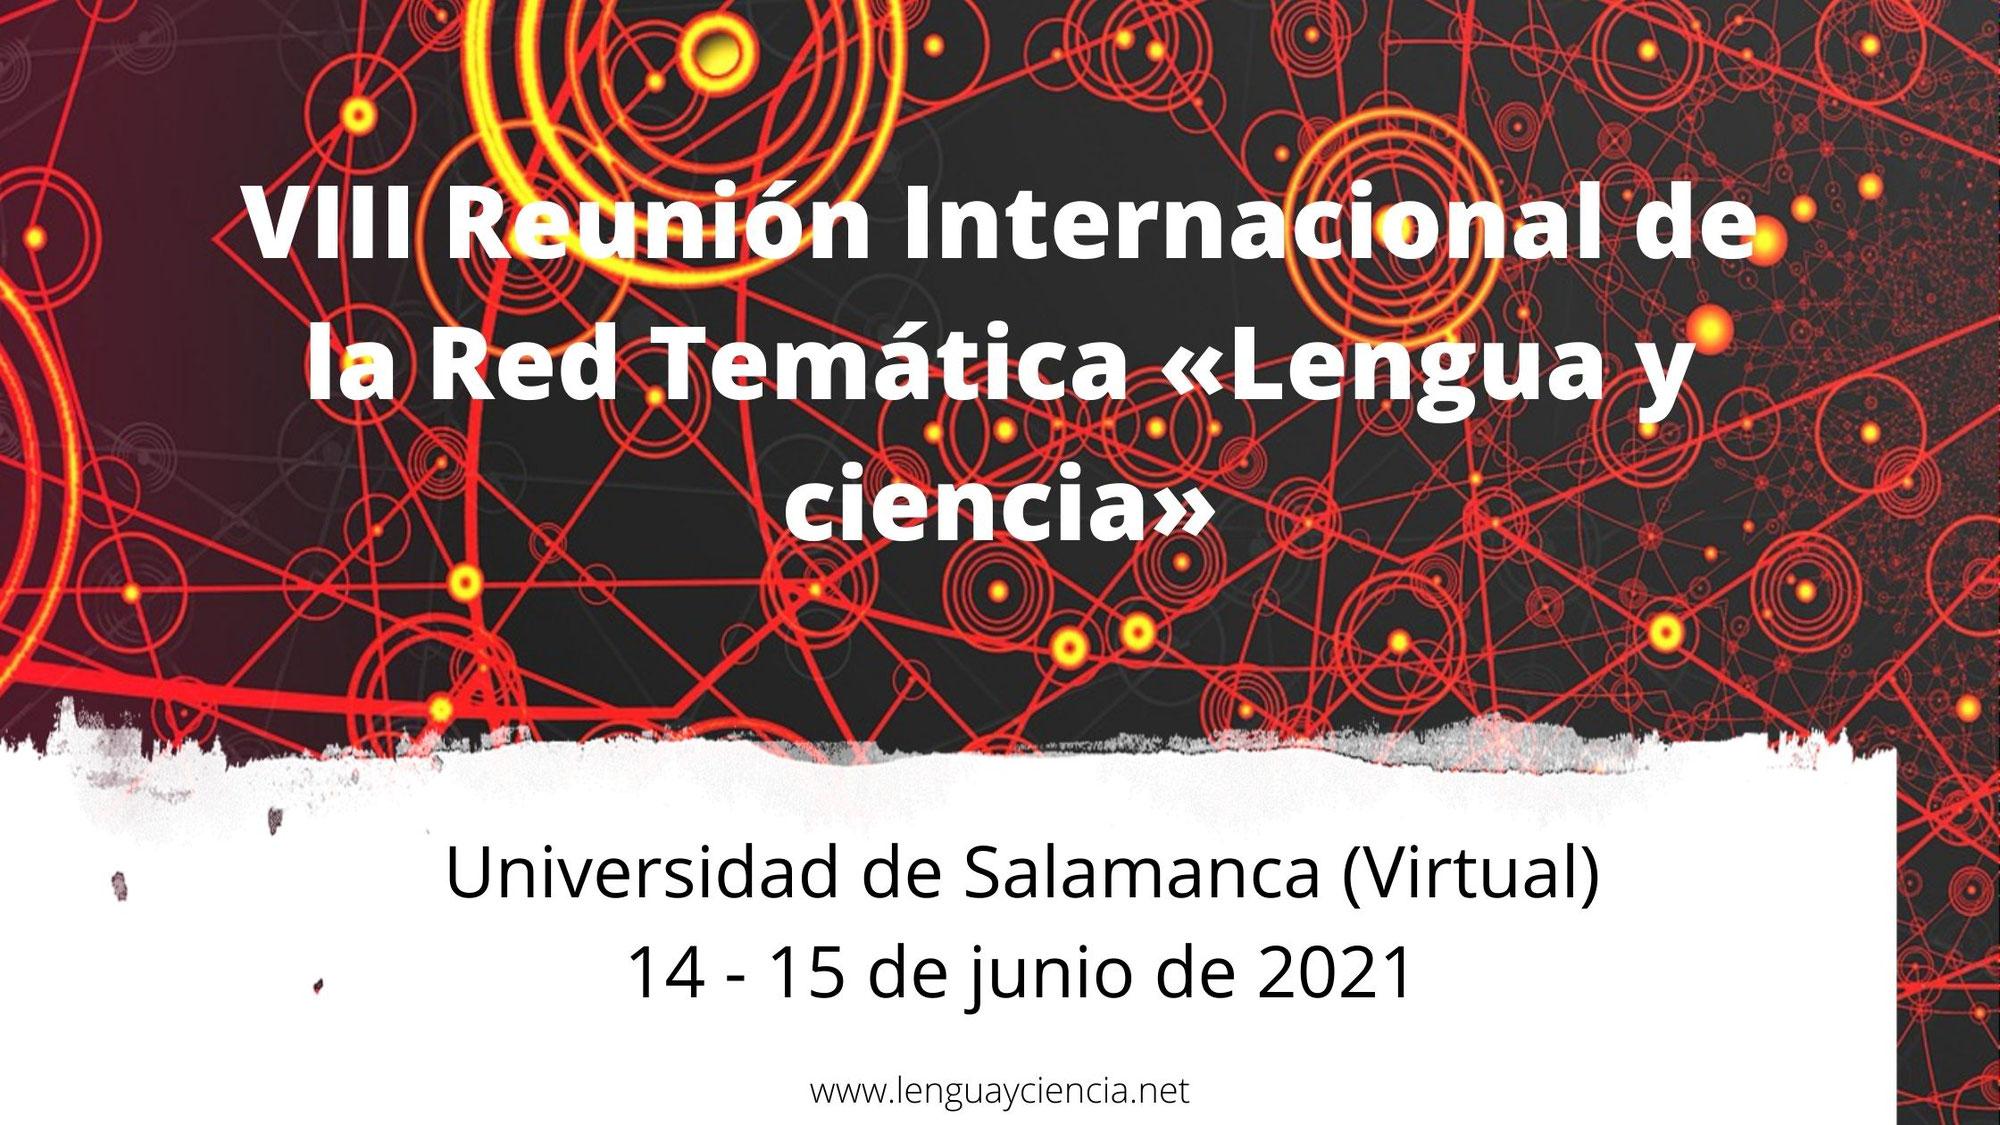 VIII Reunión Internacional de la Red Temática «Lengua y ciencia». Salamanca (Virtual), junio de 2021